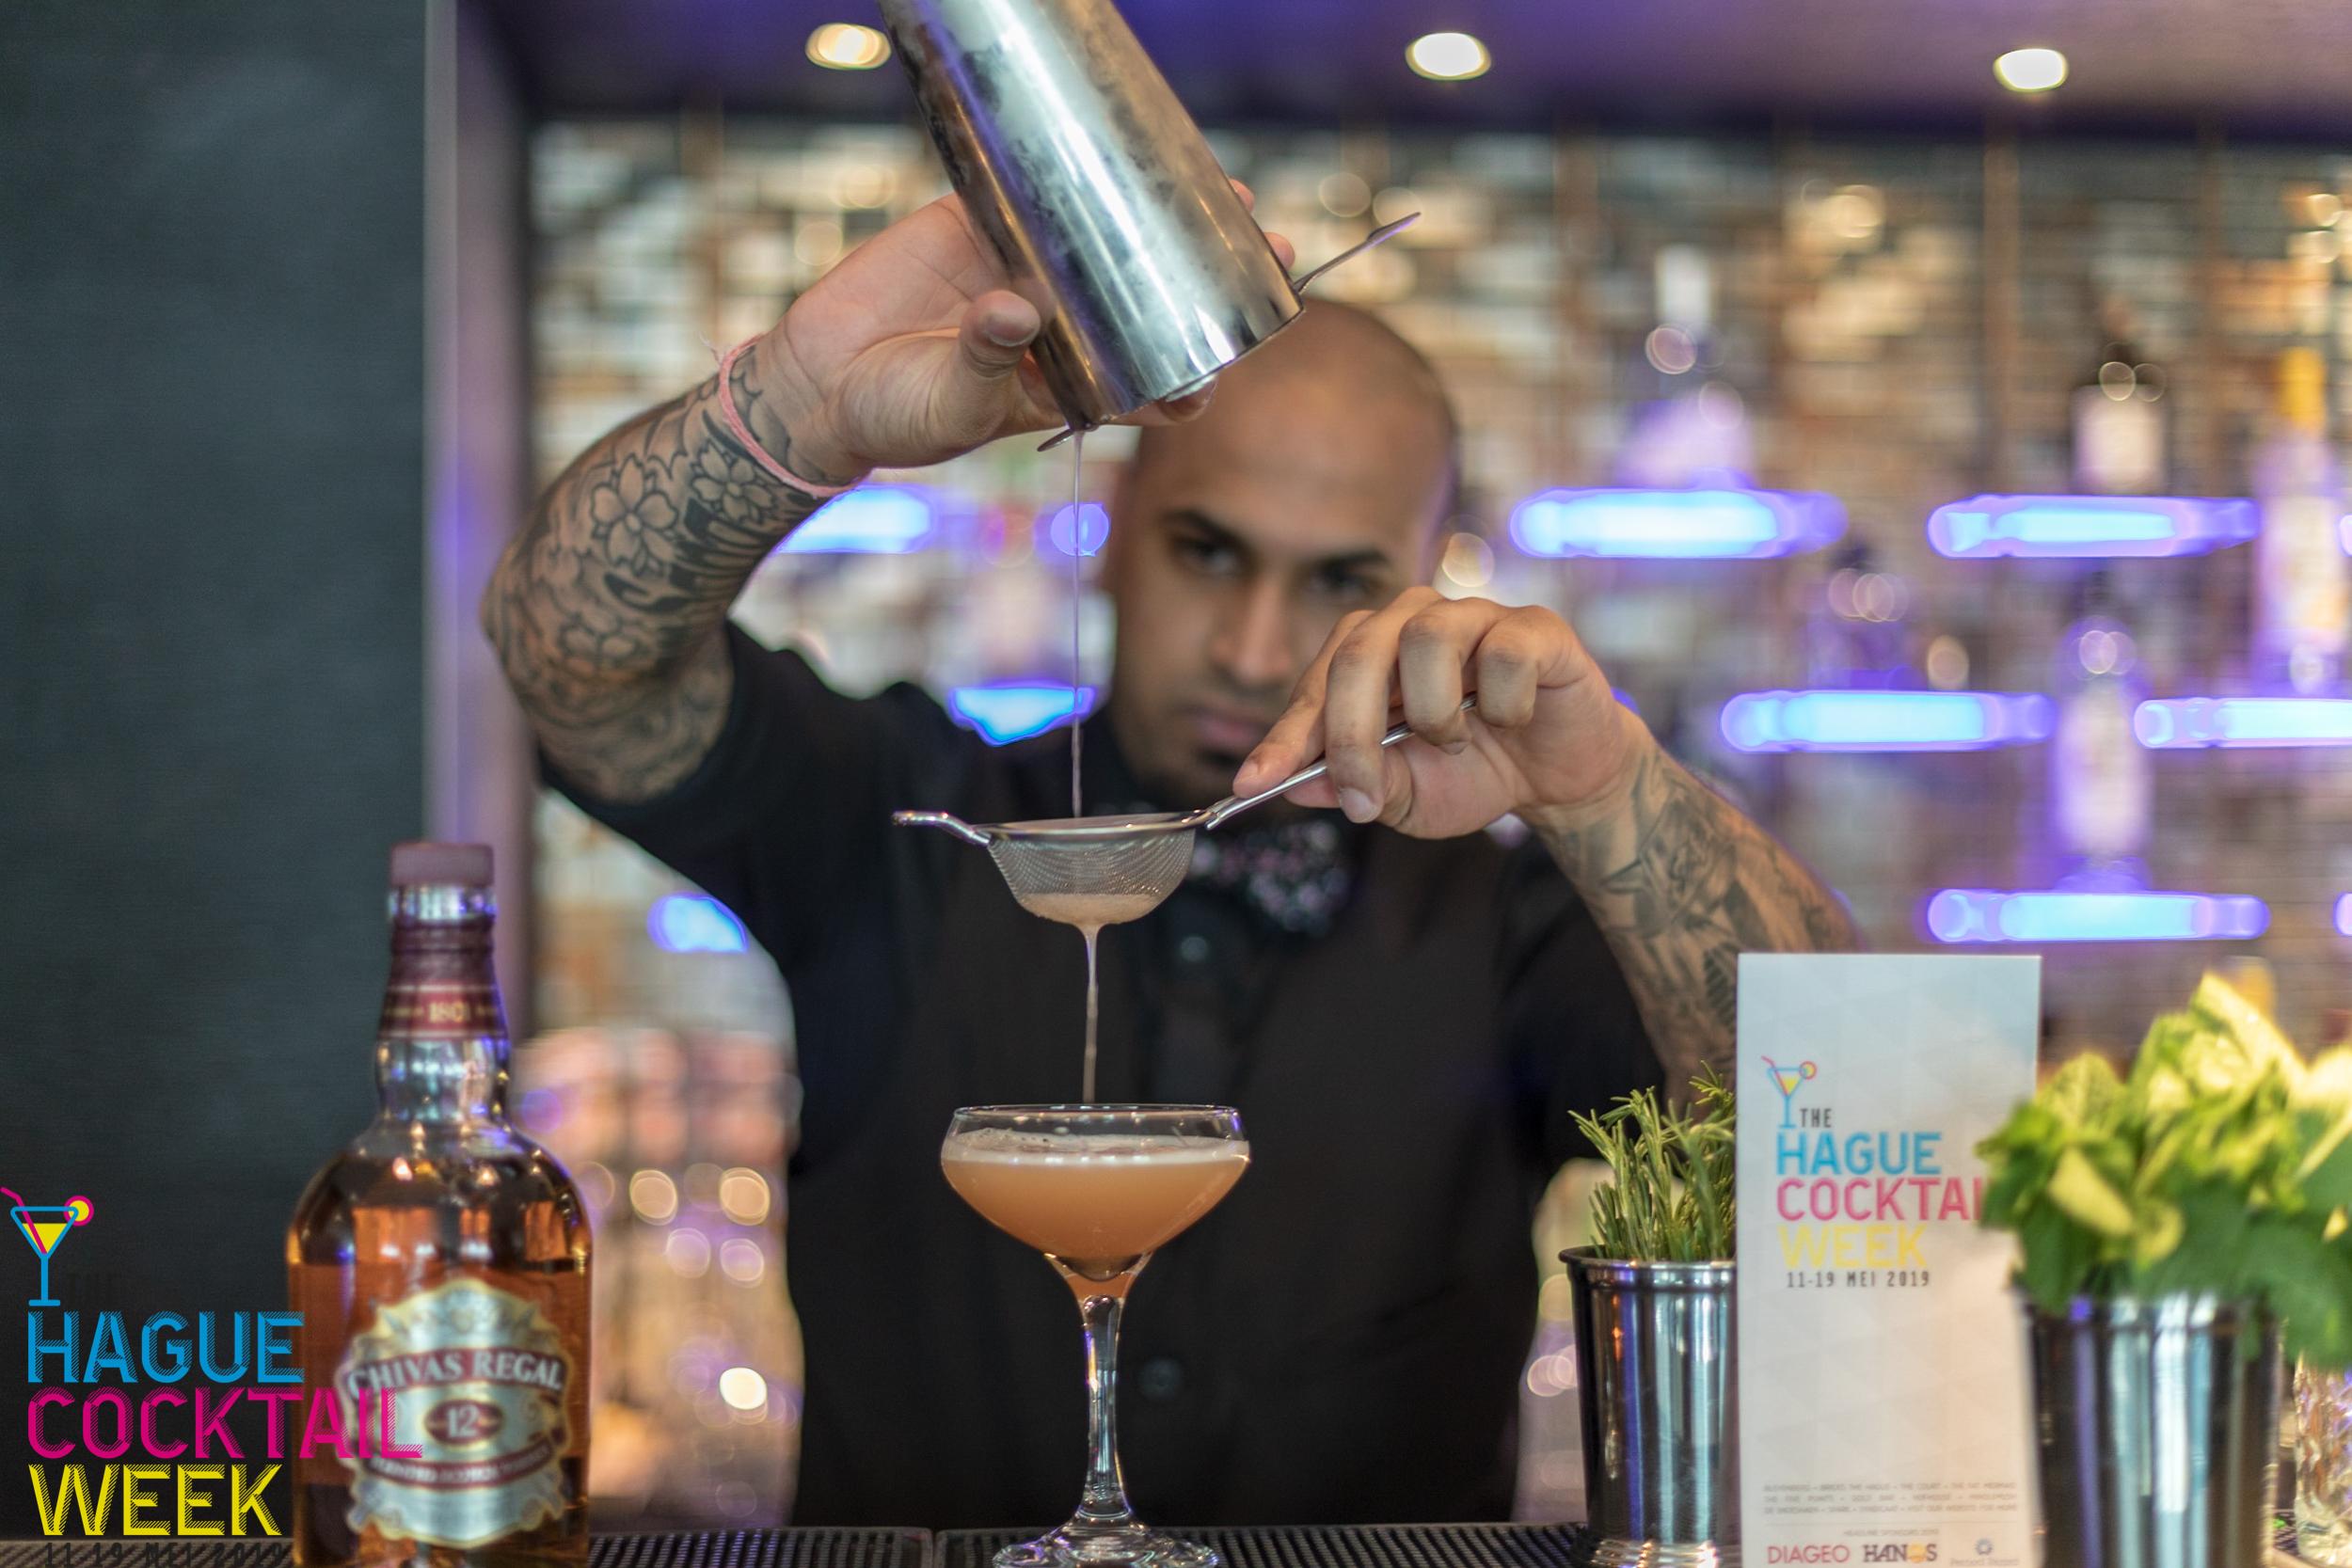 The Spark | Hilton Hotel | The Hague Cocktail Week-6.jpg